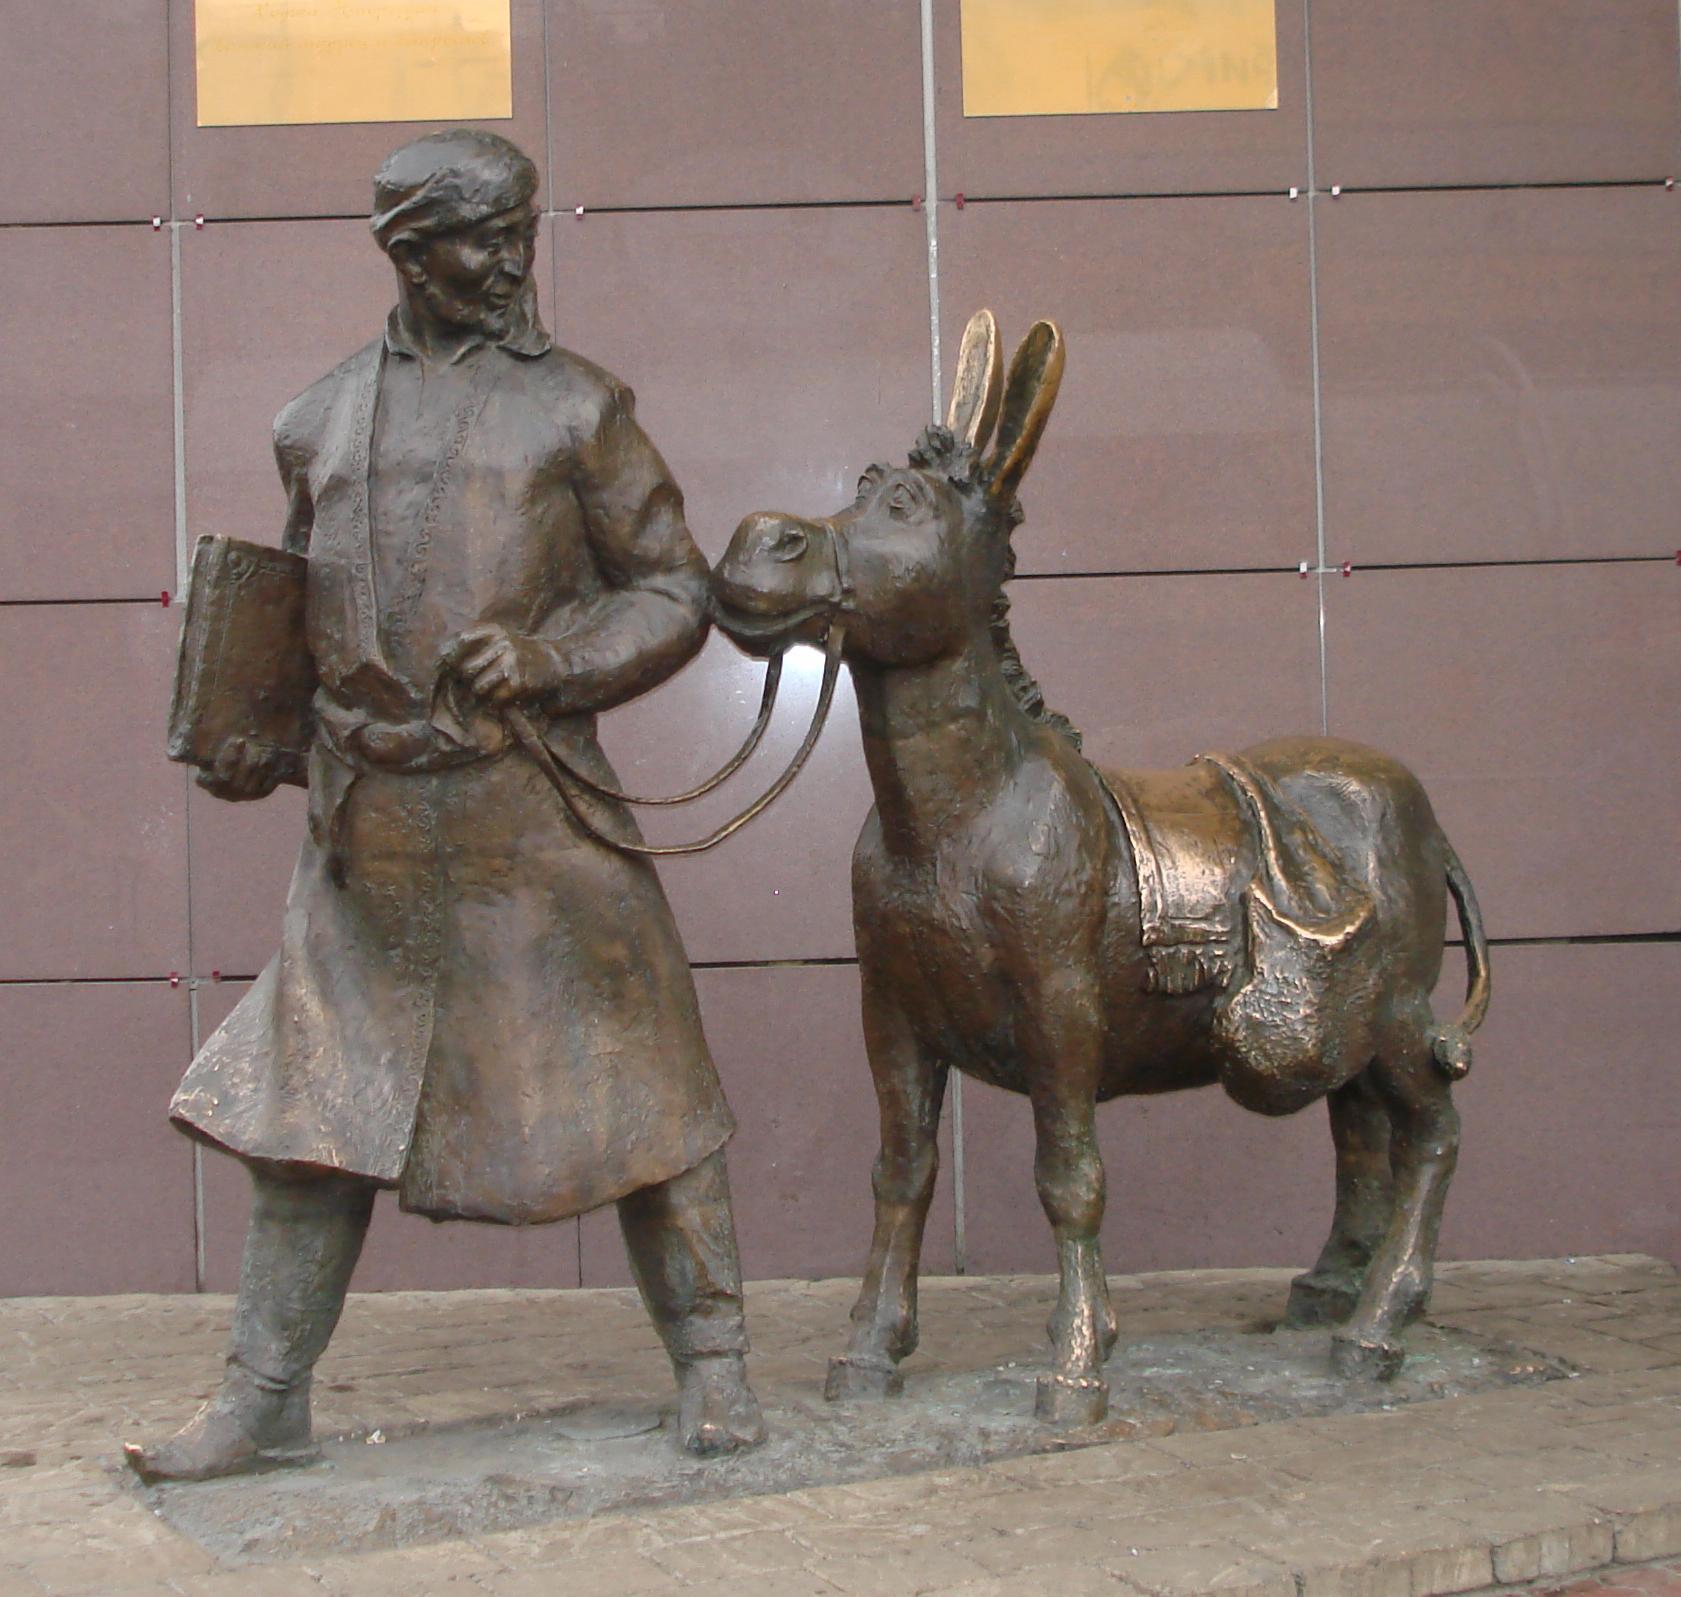 Памятник ходже насреддину в москве